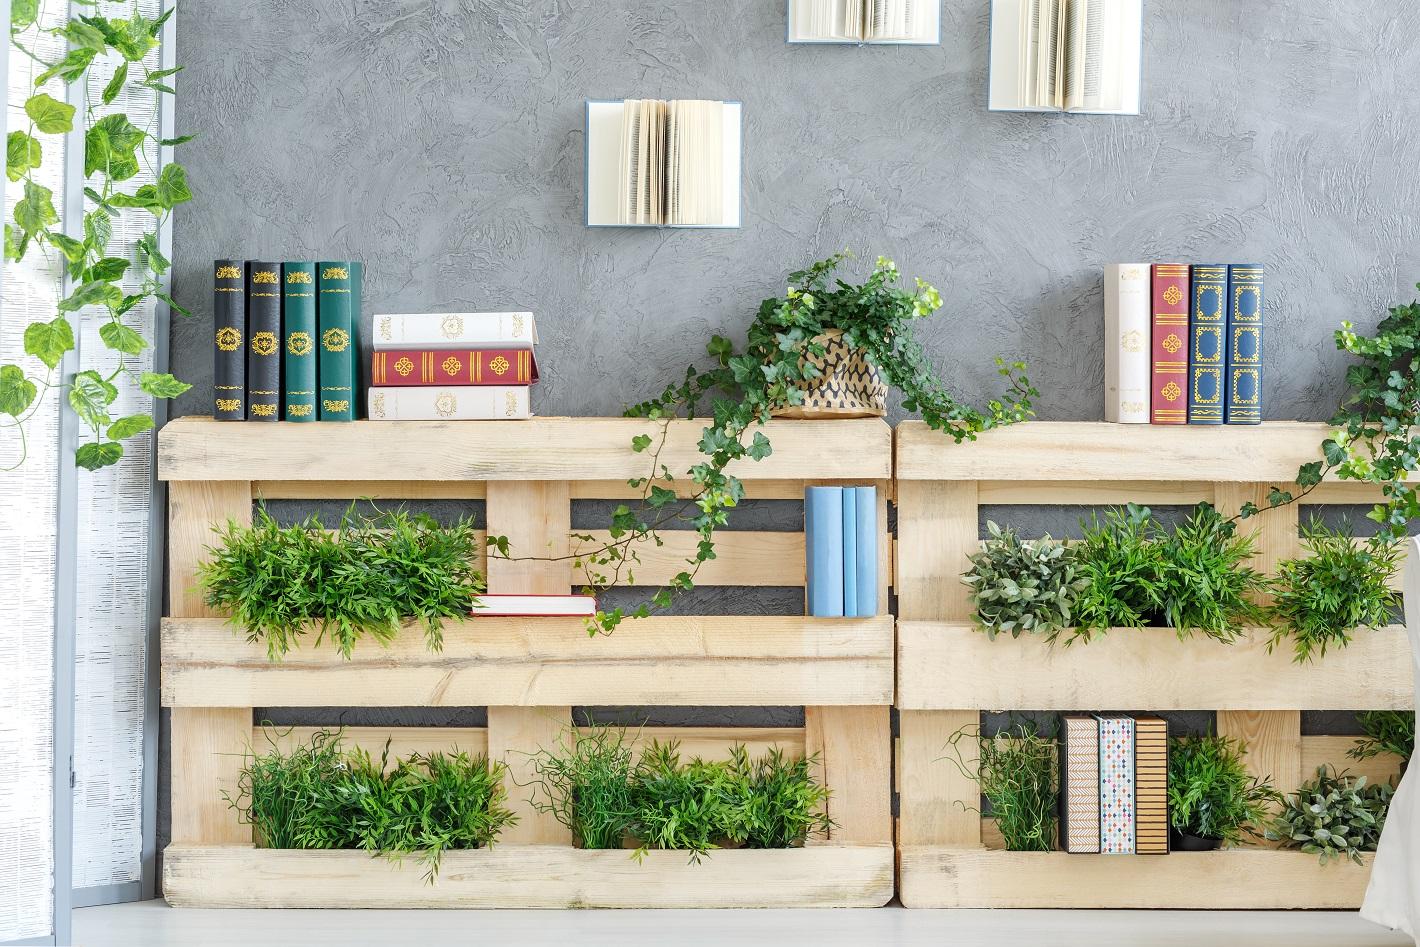 Paletten Garten - für Zimmer oder Balkon